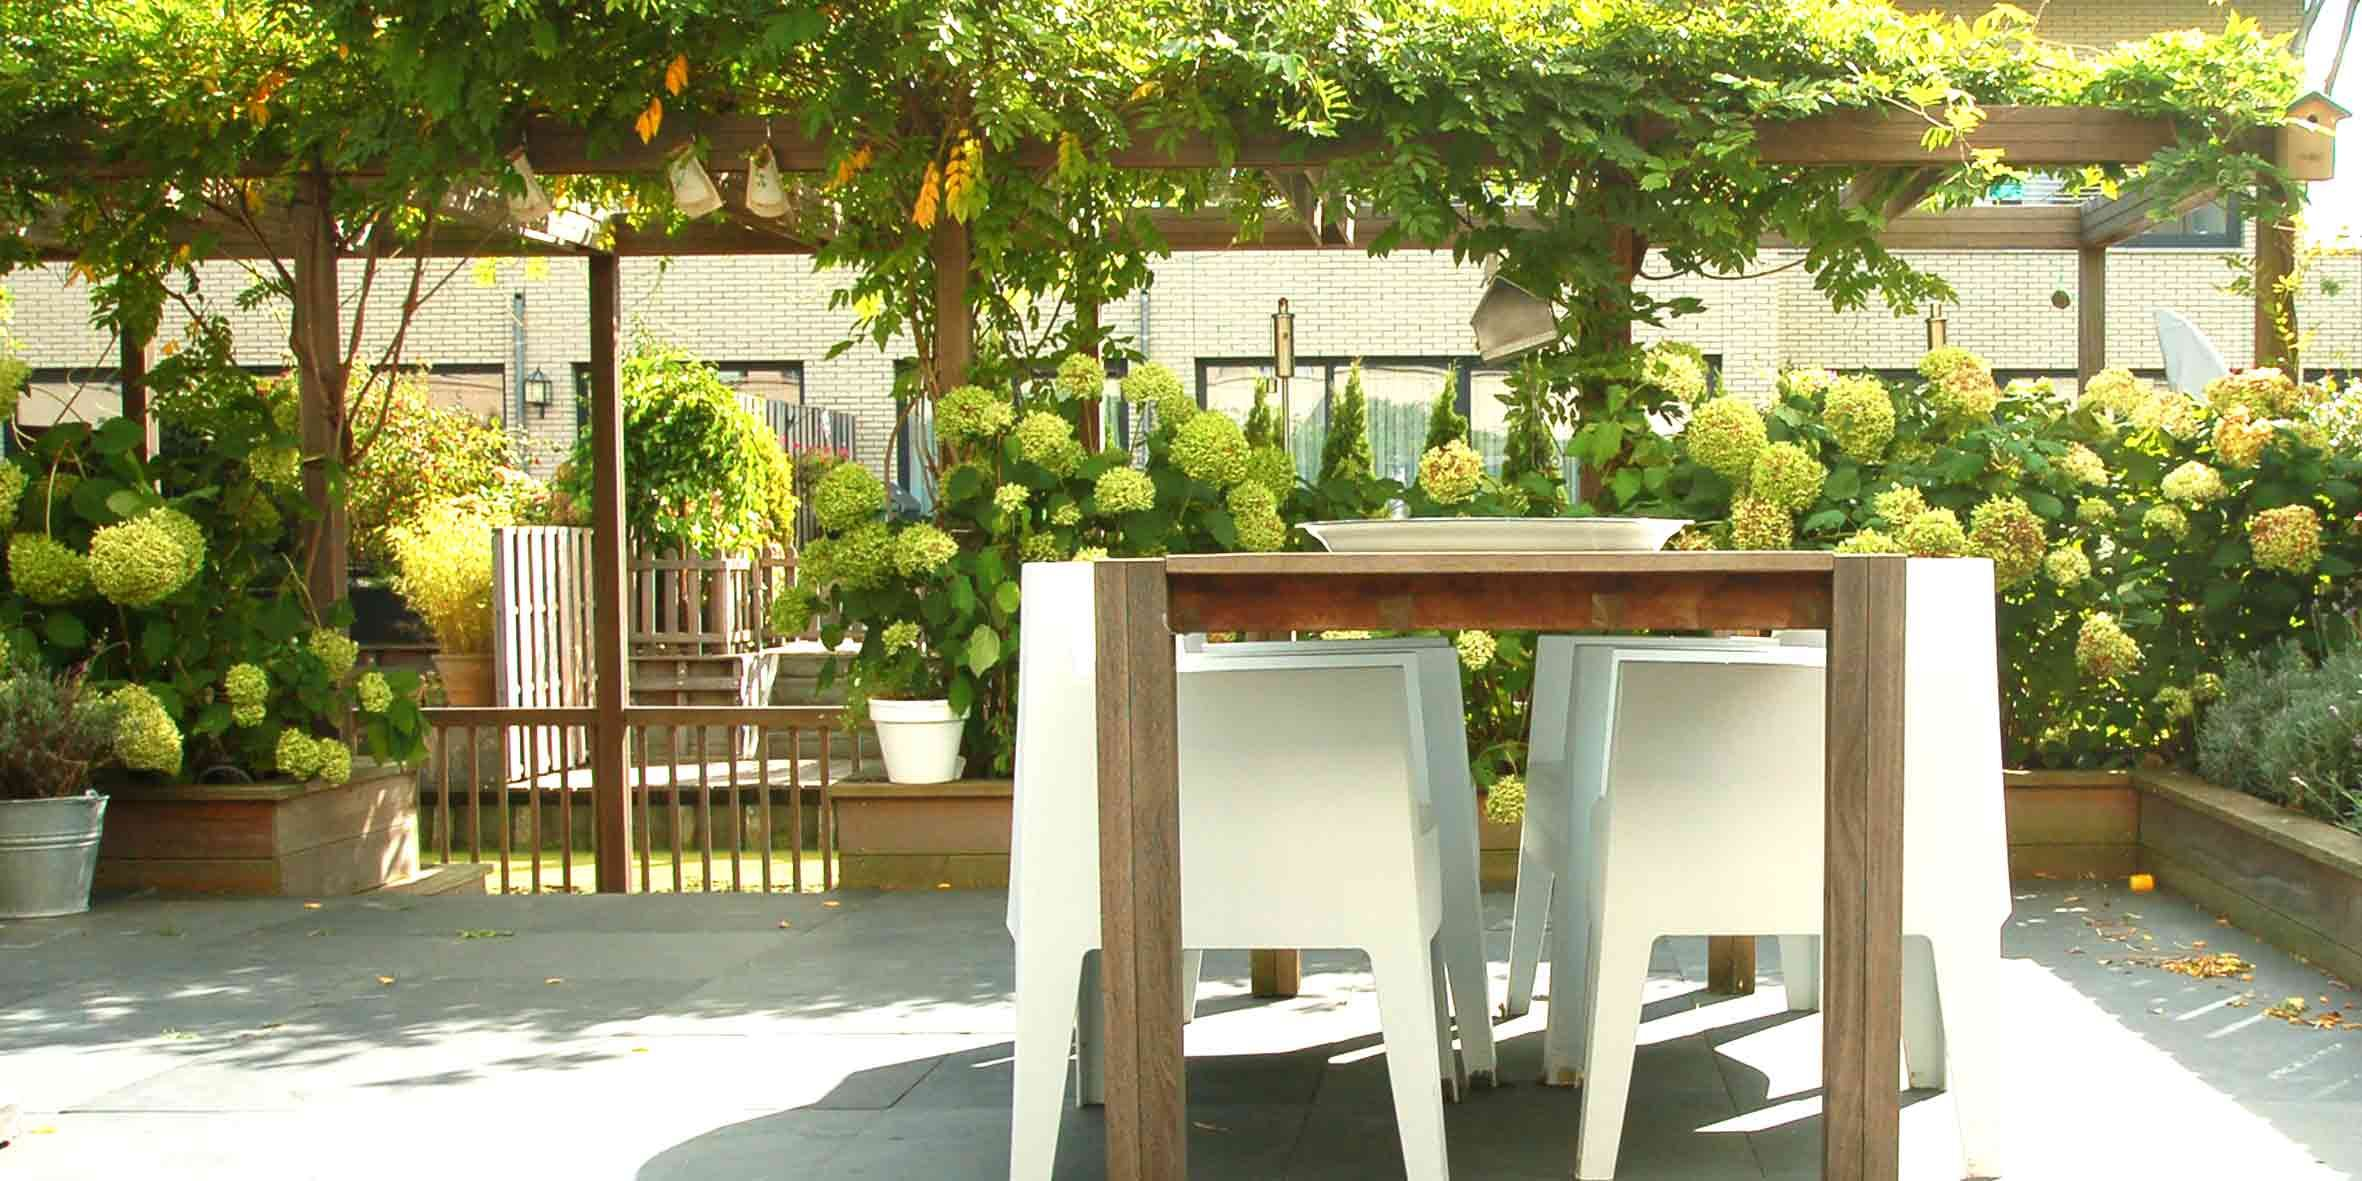 Pergola begroeit met blauwe regen in hoorn pergola in de tuin pinterest tuin pergolas - Bedekking voor pergola ...